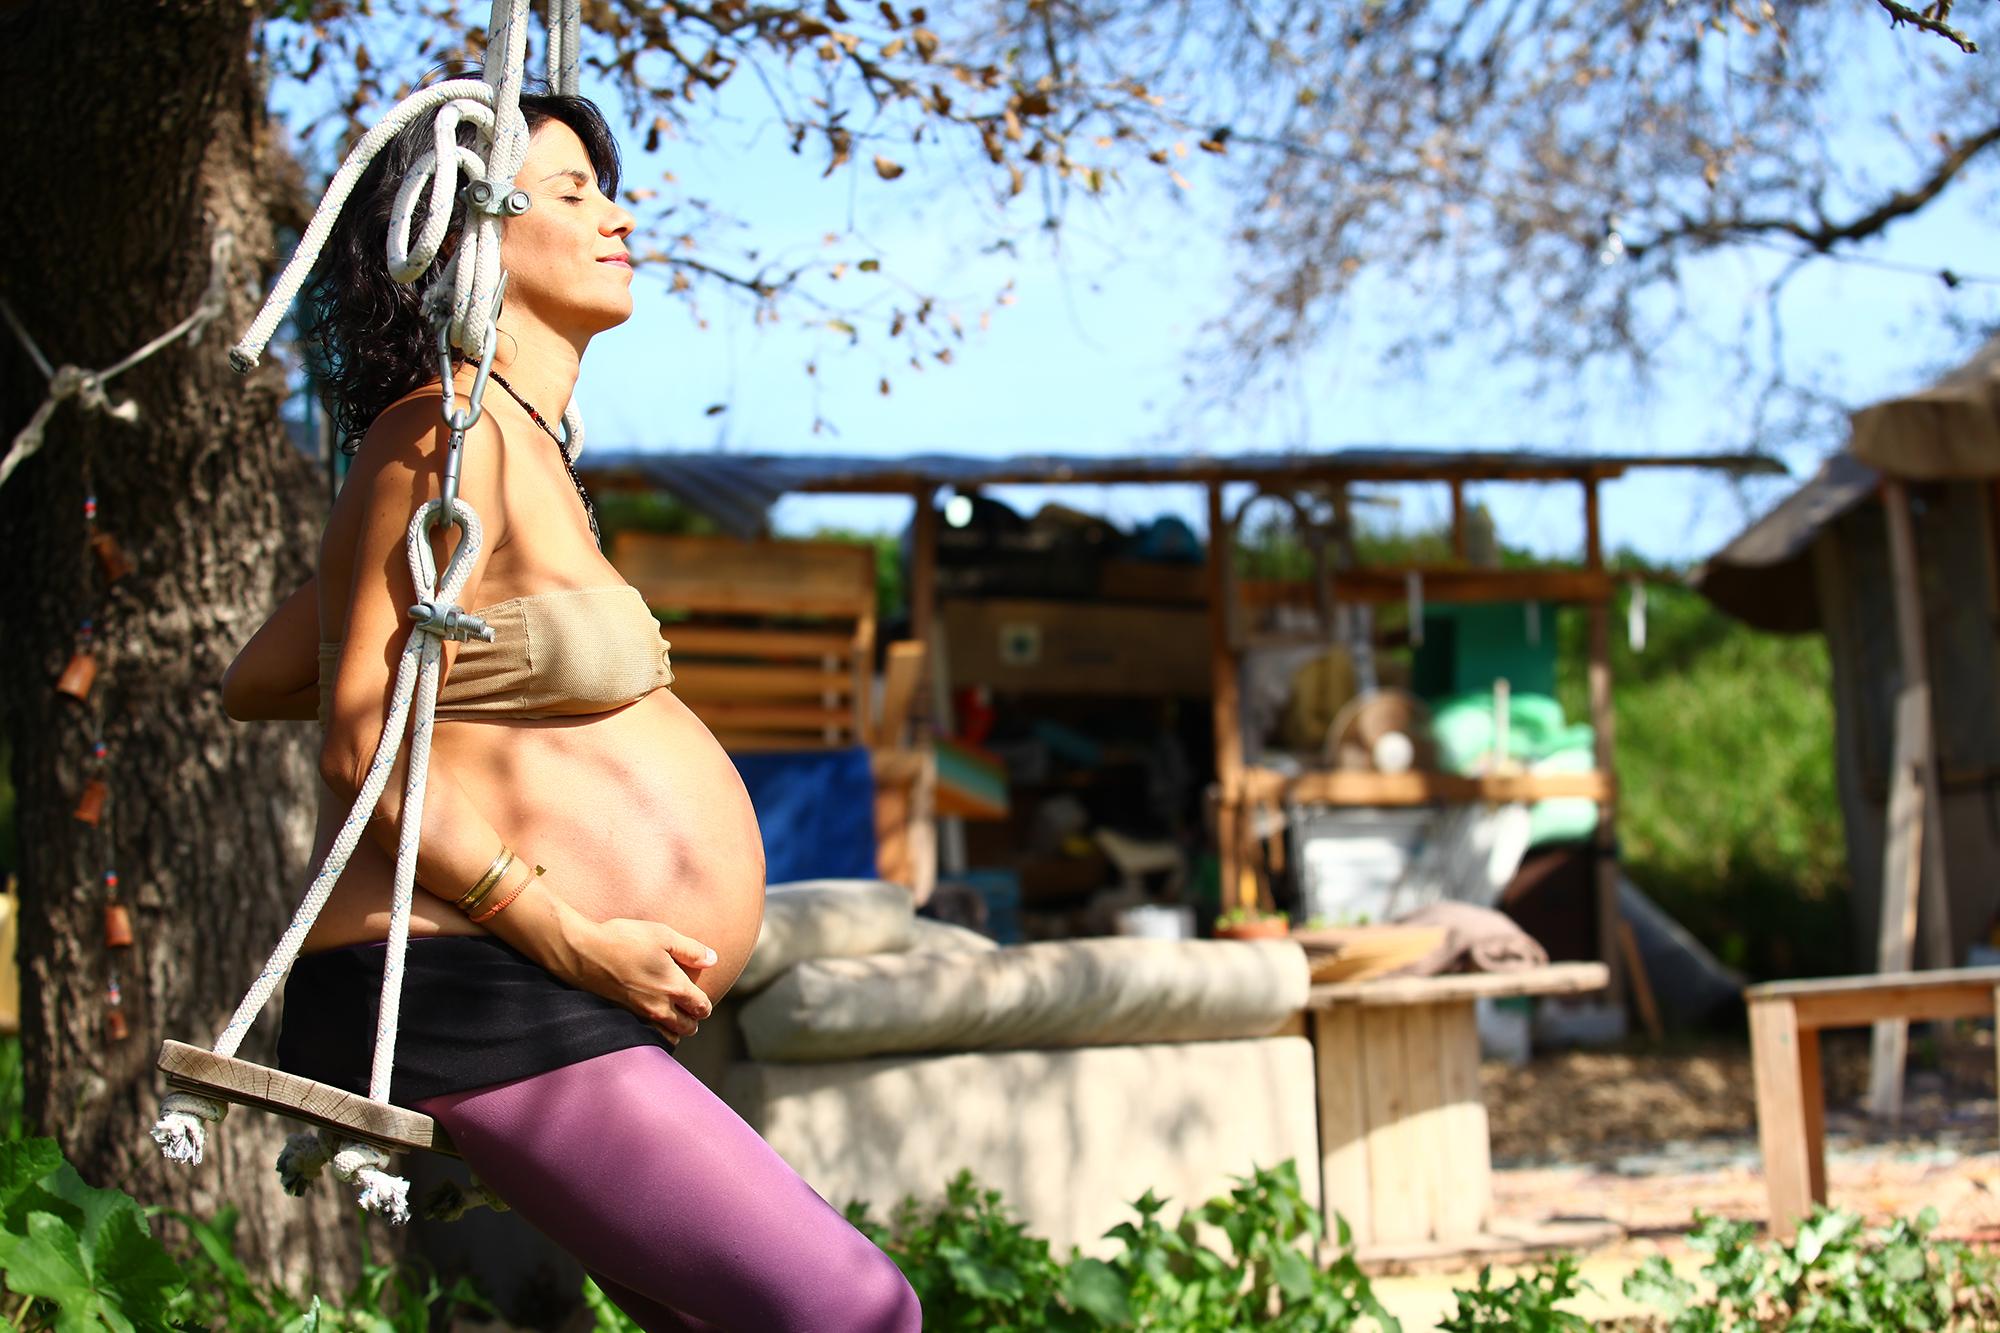 צלמת היריון